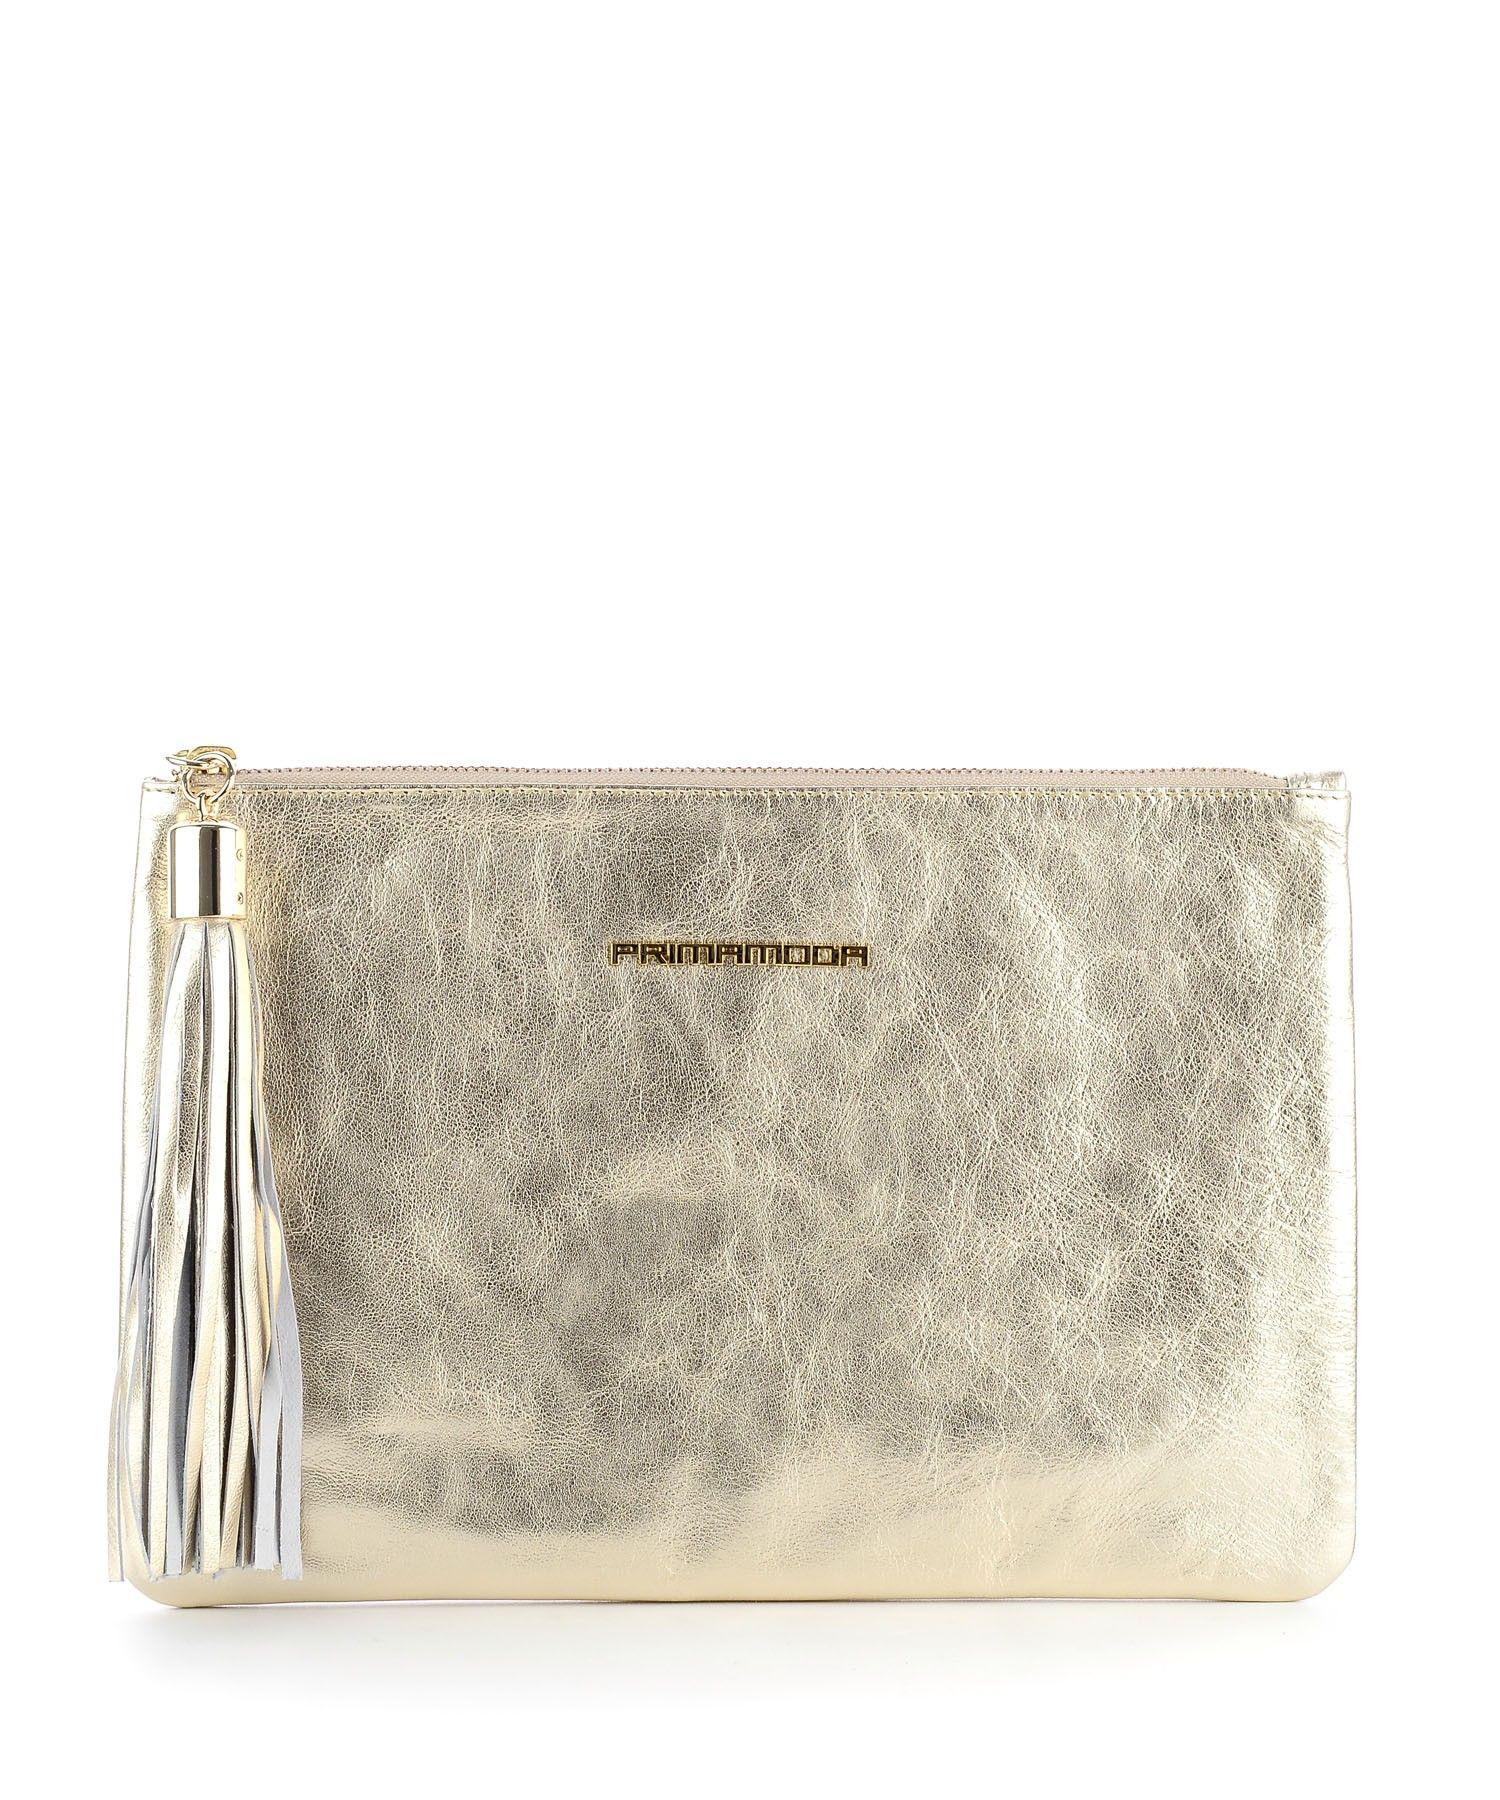 Złota kopertówka ze skóry metalizowanej - Torebki kopertówki - wieczorowe - Modne torebki damskie, skórzane, zamszowe - PRIMAMODA